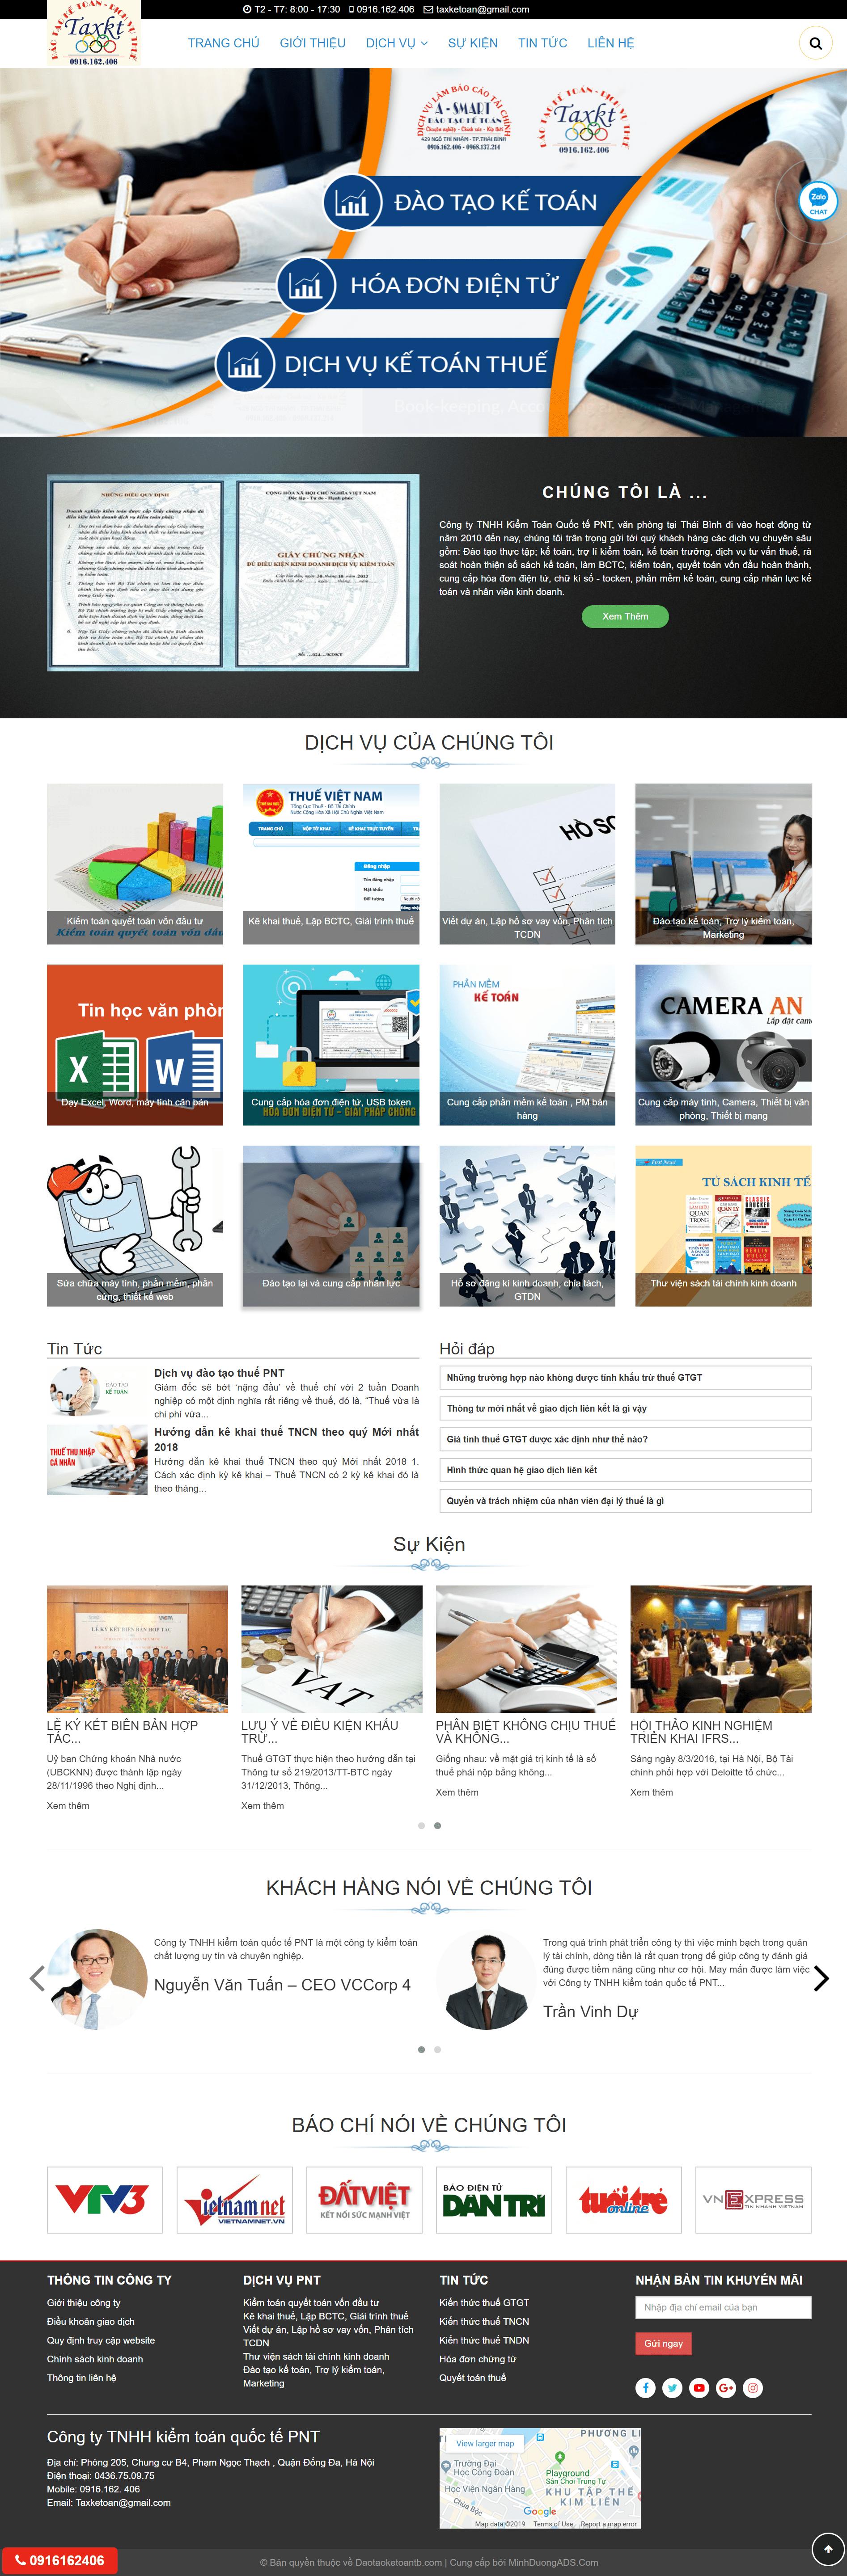 Thiết kế web đào tạo kế toán